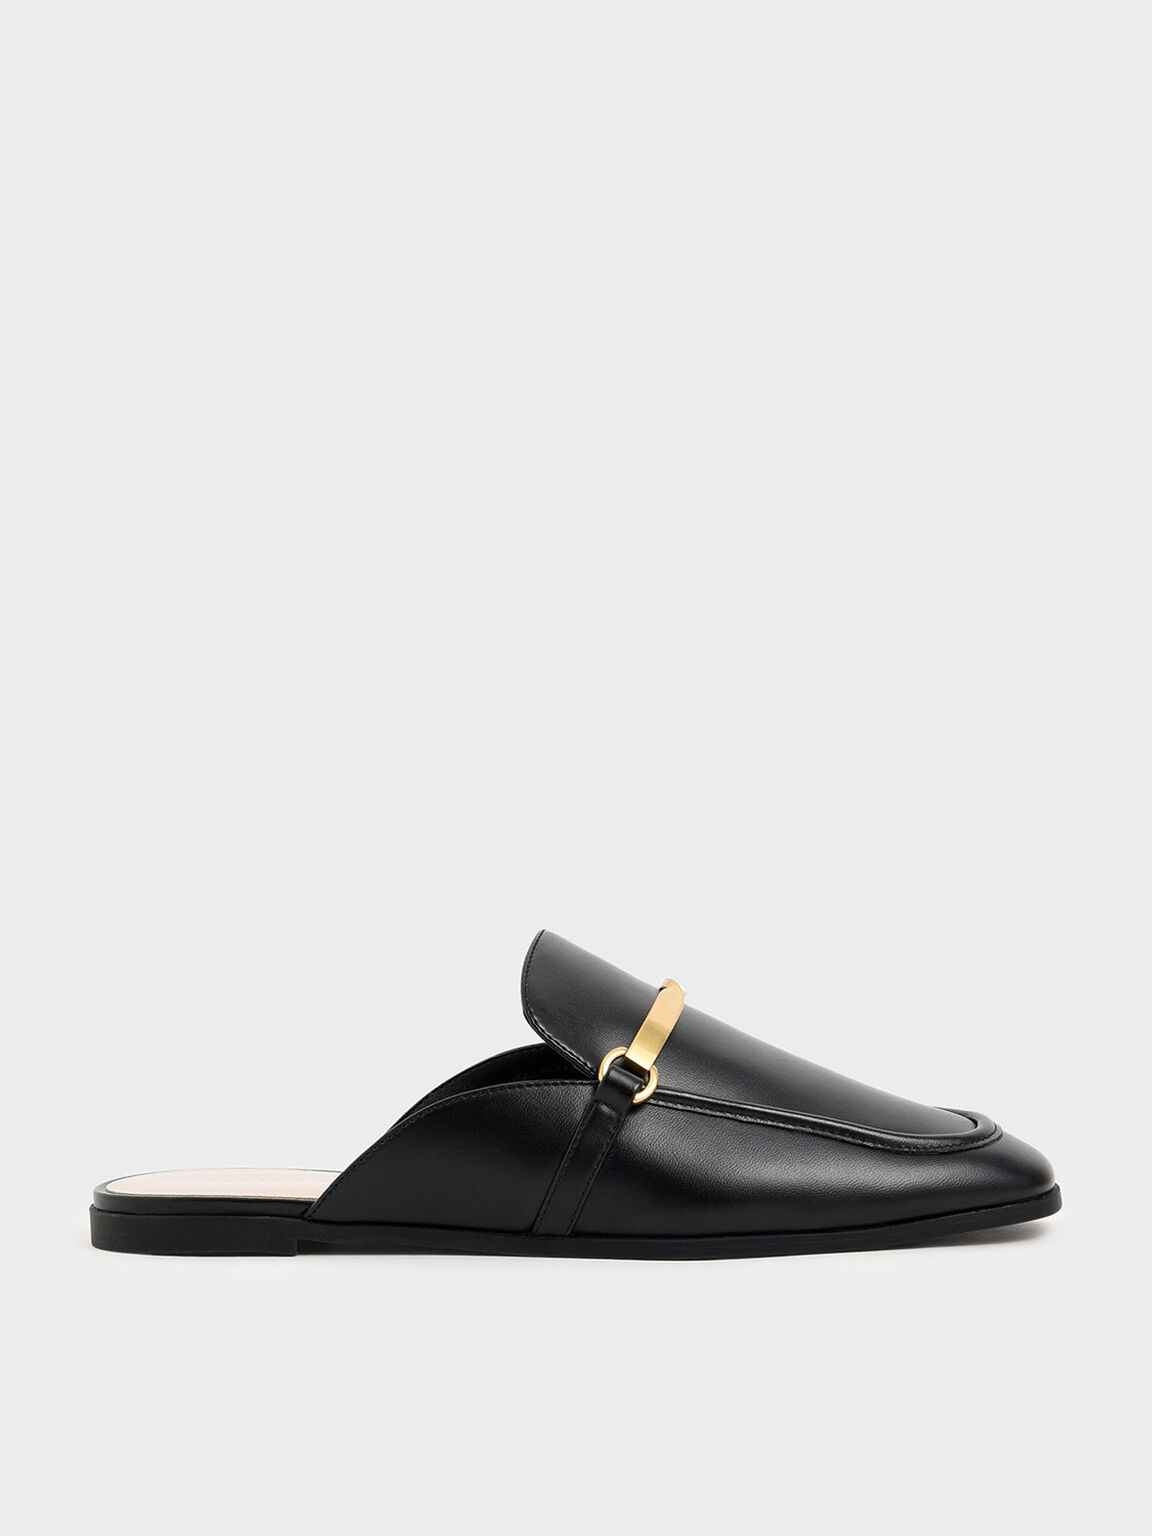 金屬扭結拖鞋, 黑色, hi-res